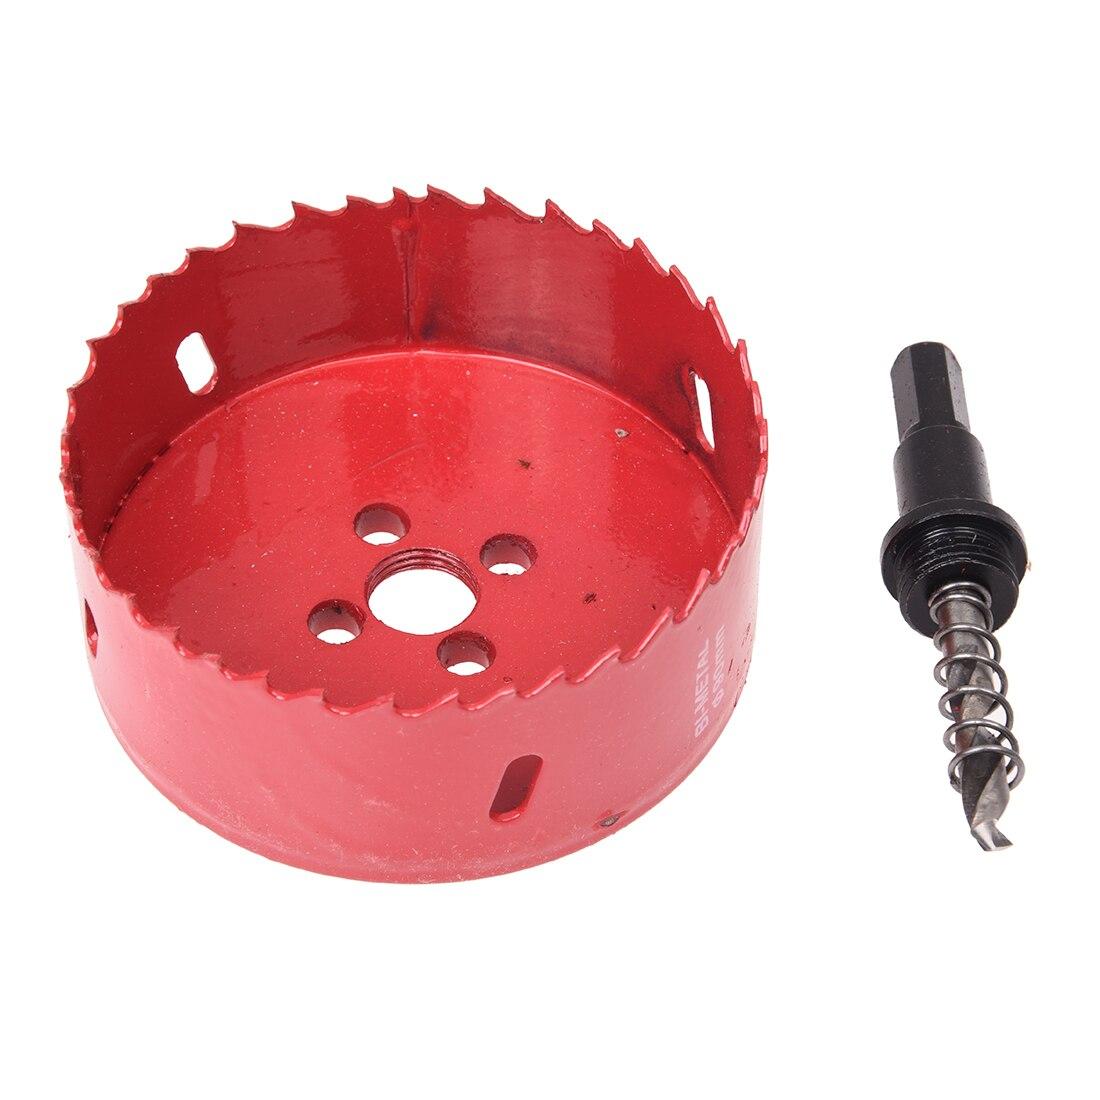 6mm Twist Drilling Bit Wood Iron Cutting 90mm Diameter Bimetal Hole Saw Cutter Tool